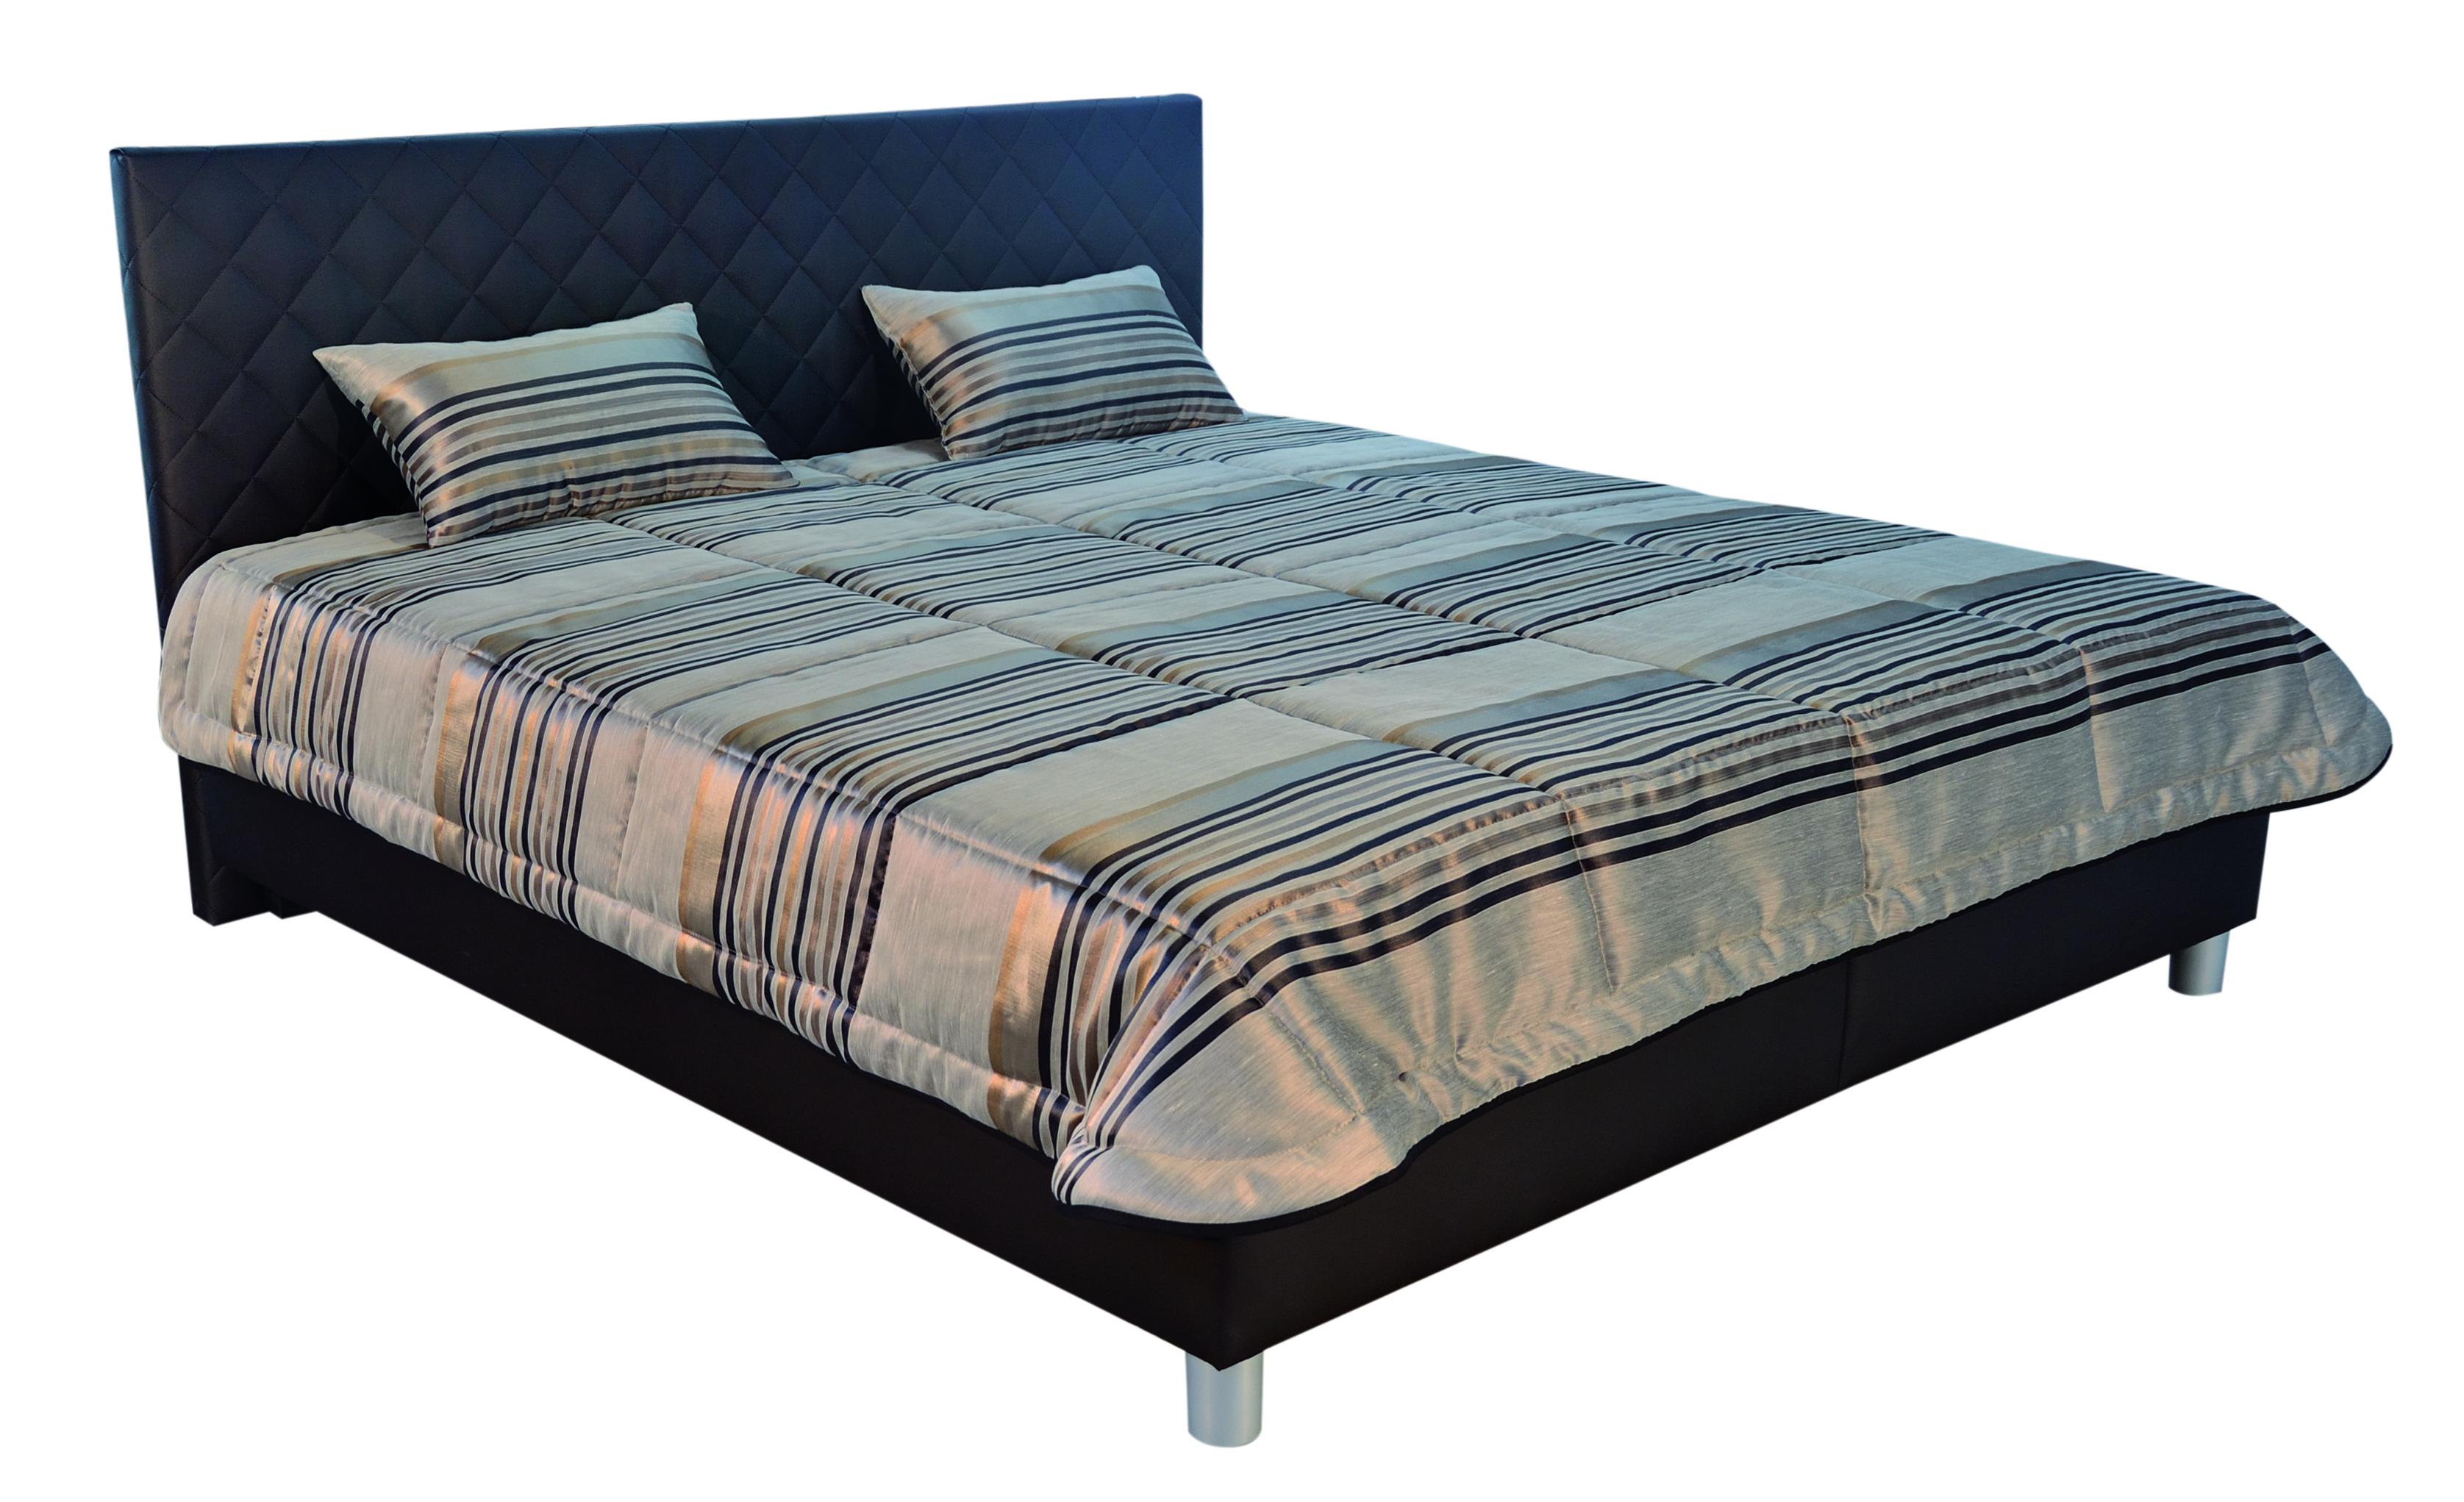 Manželská postel 180 cm - Blanář - Reflex (s rošty a matracemi)